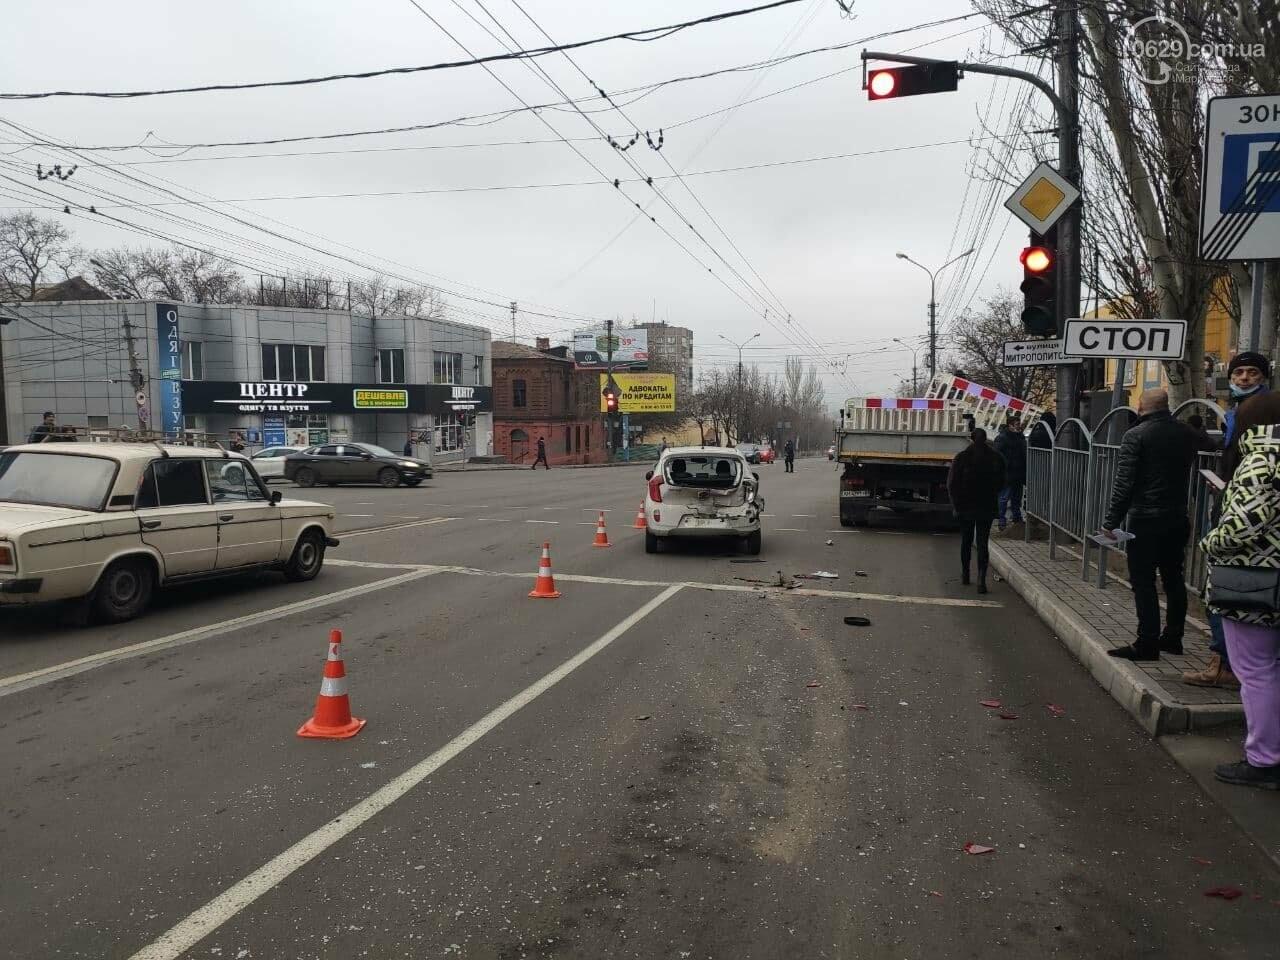 В Мариуполе на центральном проспекте сразу четыре авто попали в аварию, - ФОТО, фото-4